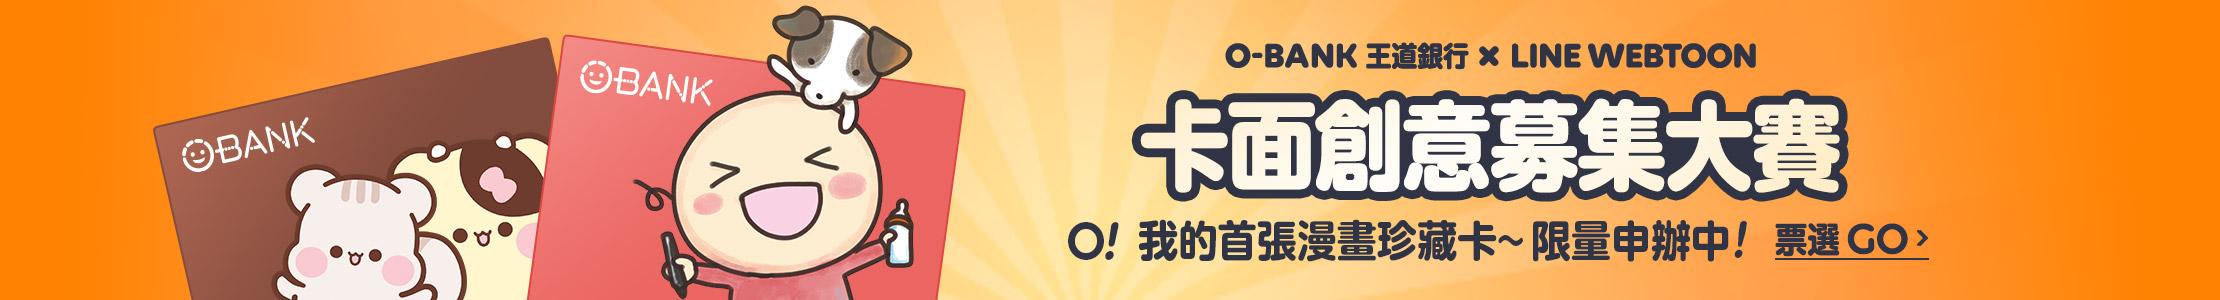 王道銀行 ╳ LINE WEBTOON 卡面創意募集大賽 O! 我的首張漫畫珍藏卡